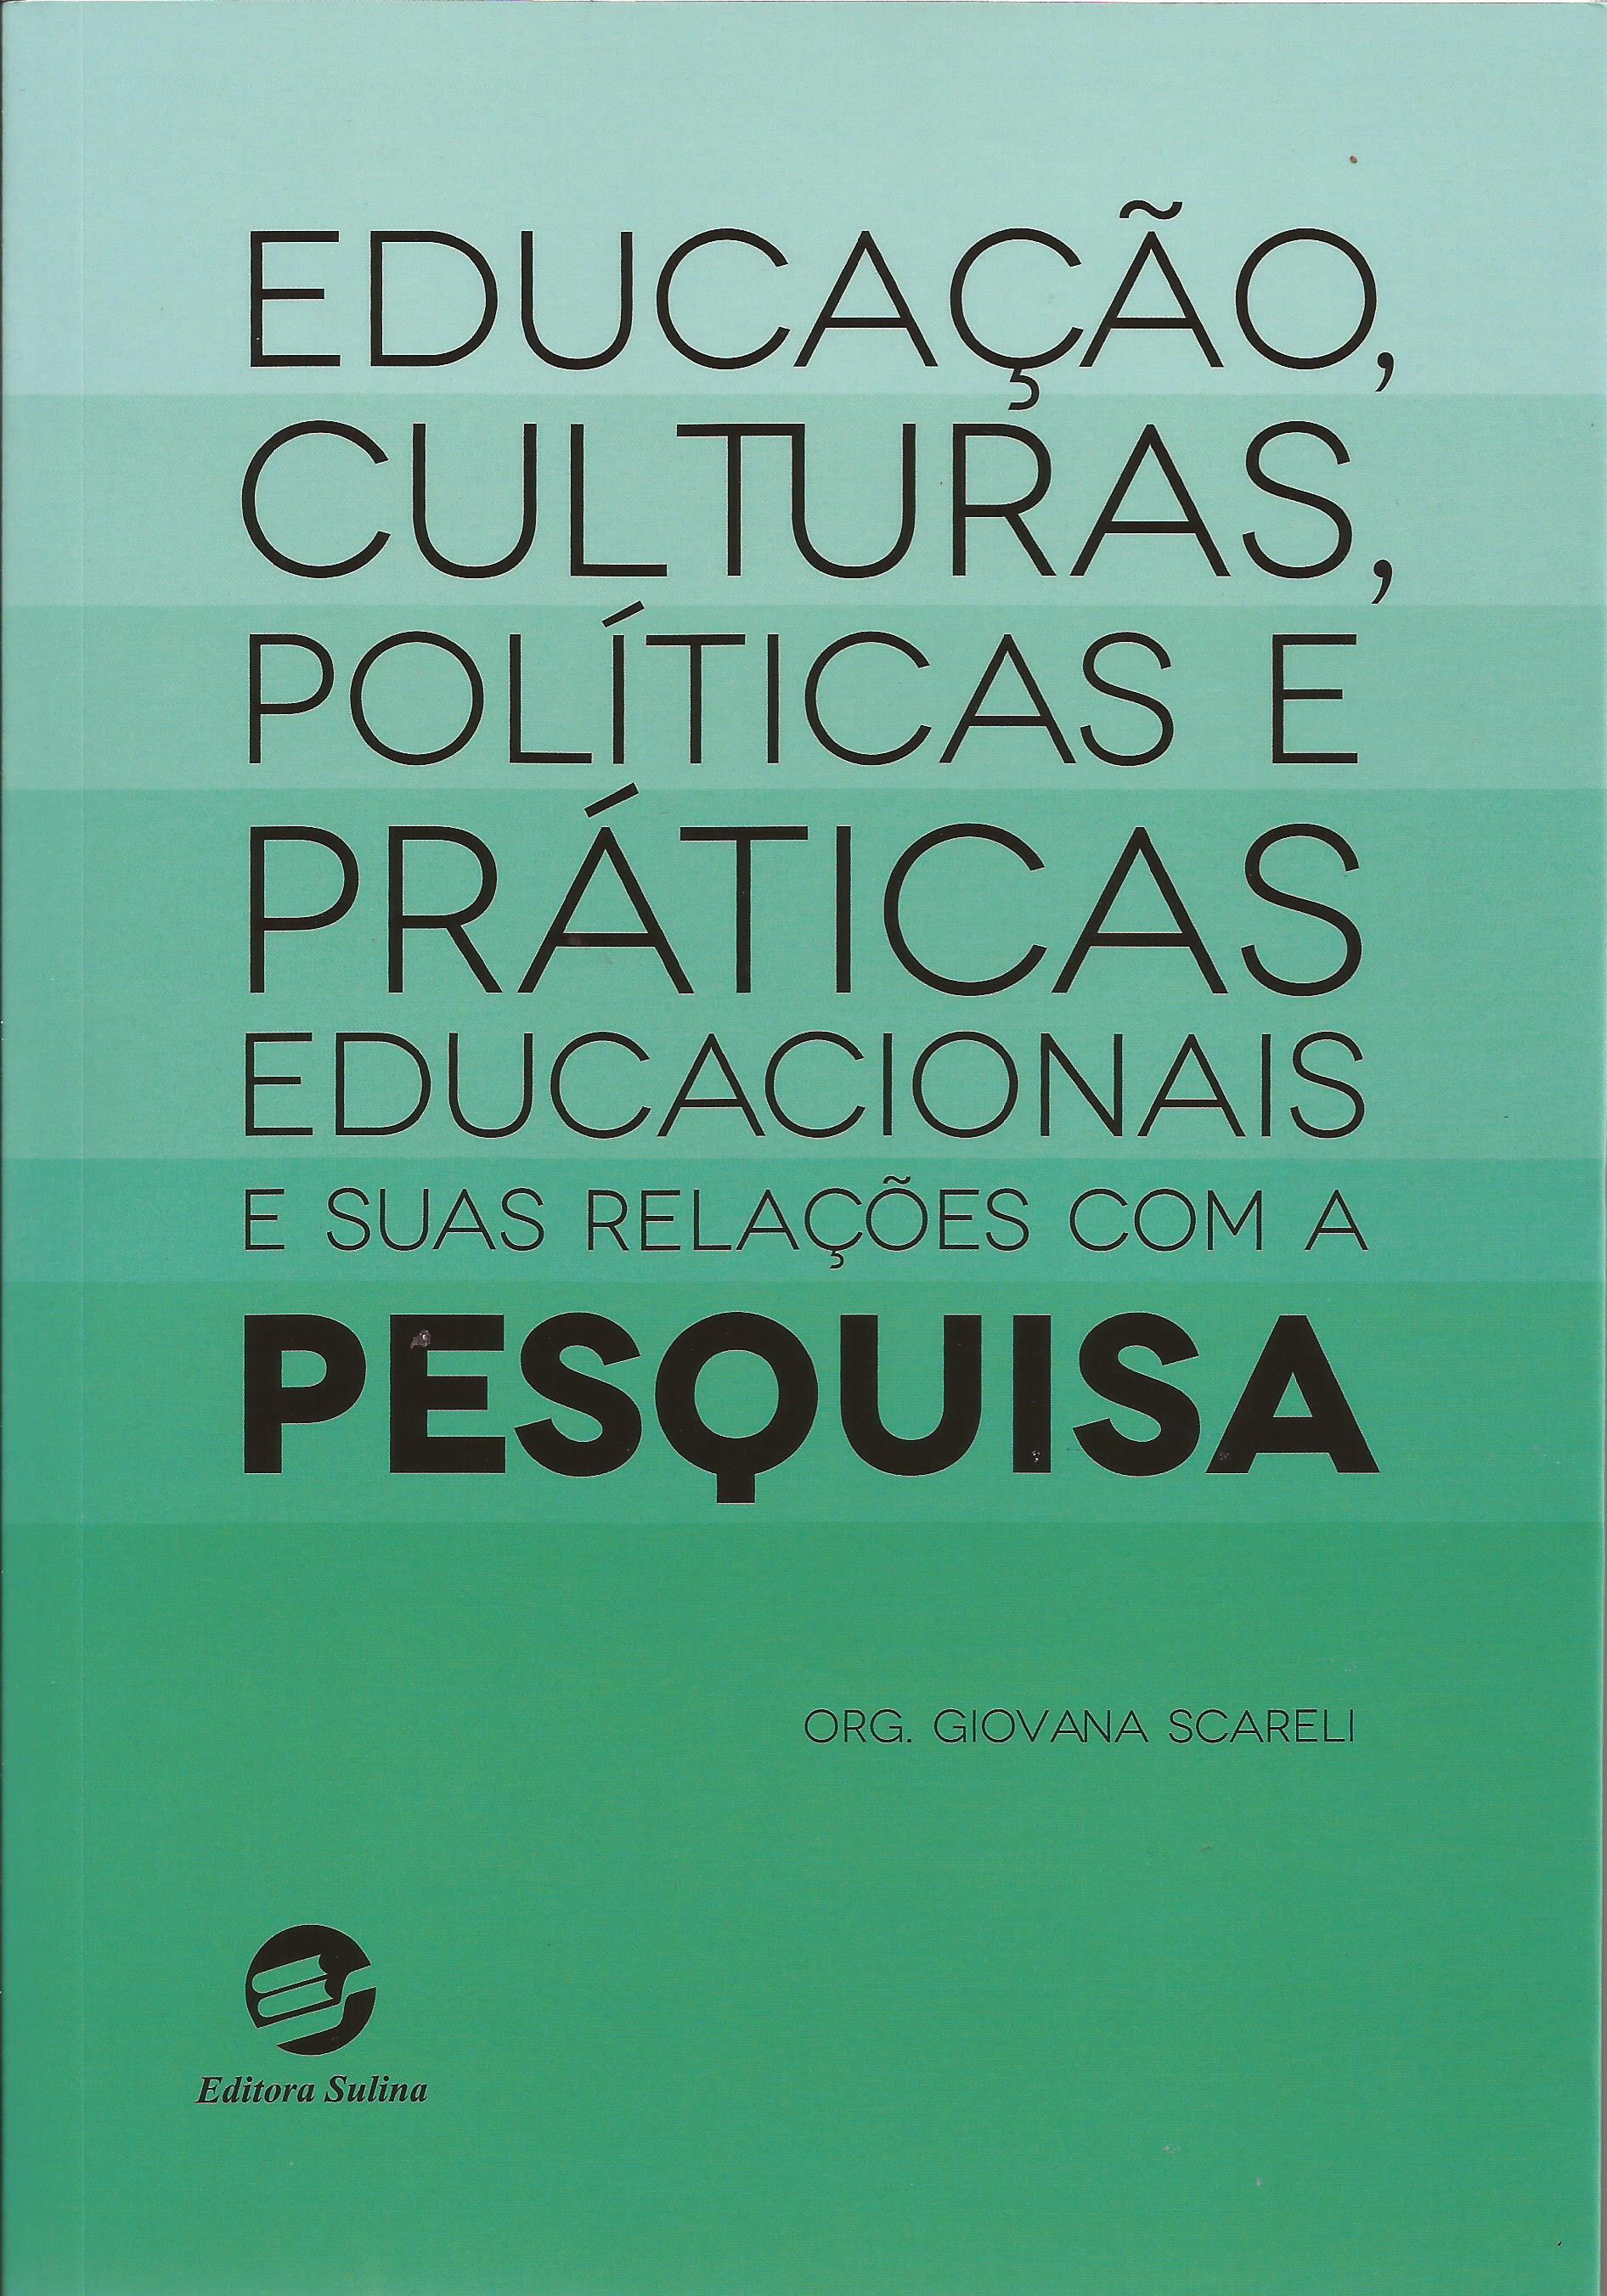 Educação, culturas, políticas e práticas educacionais e sua relações com a pesquisa